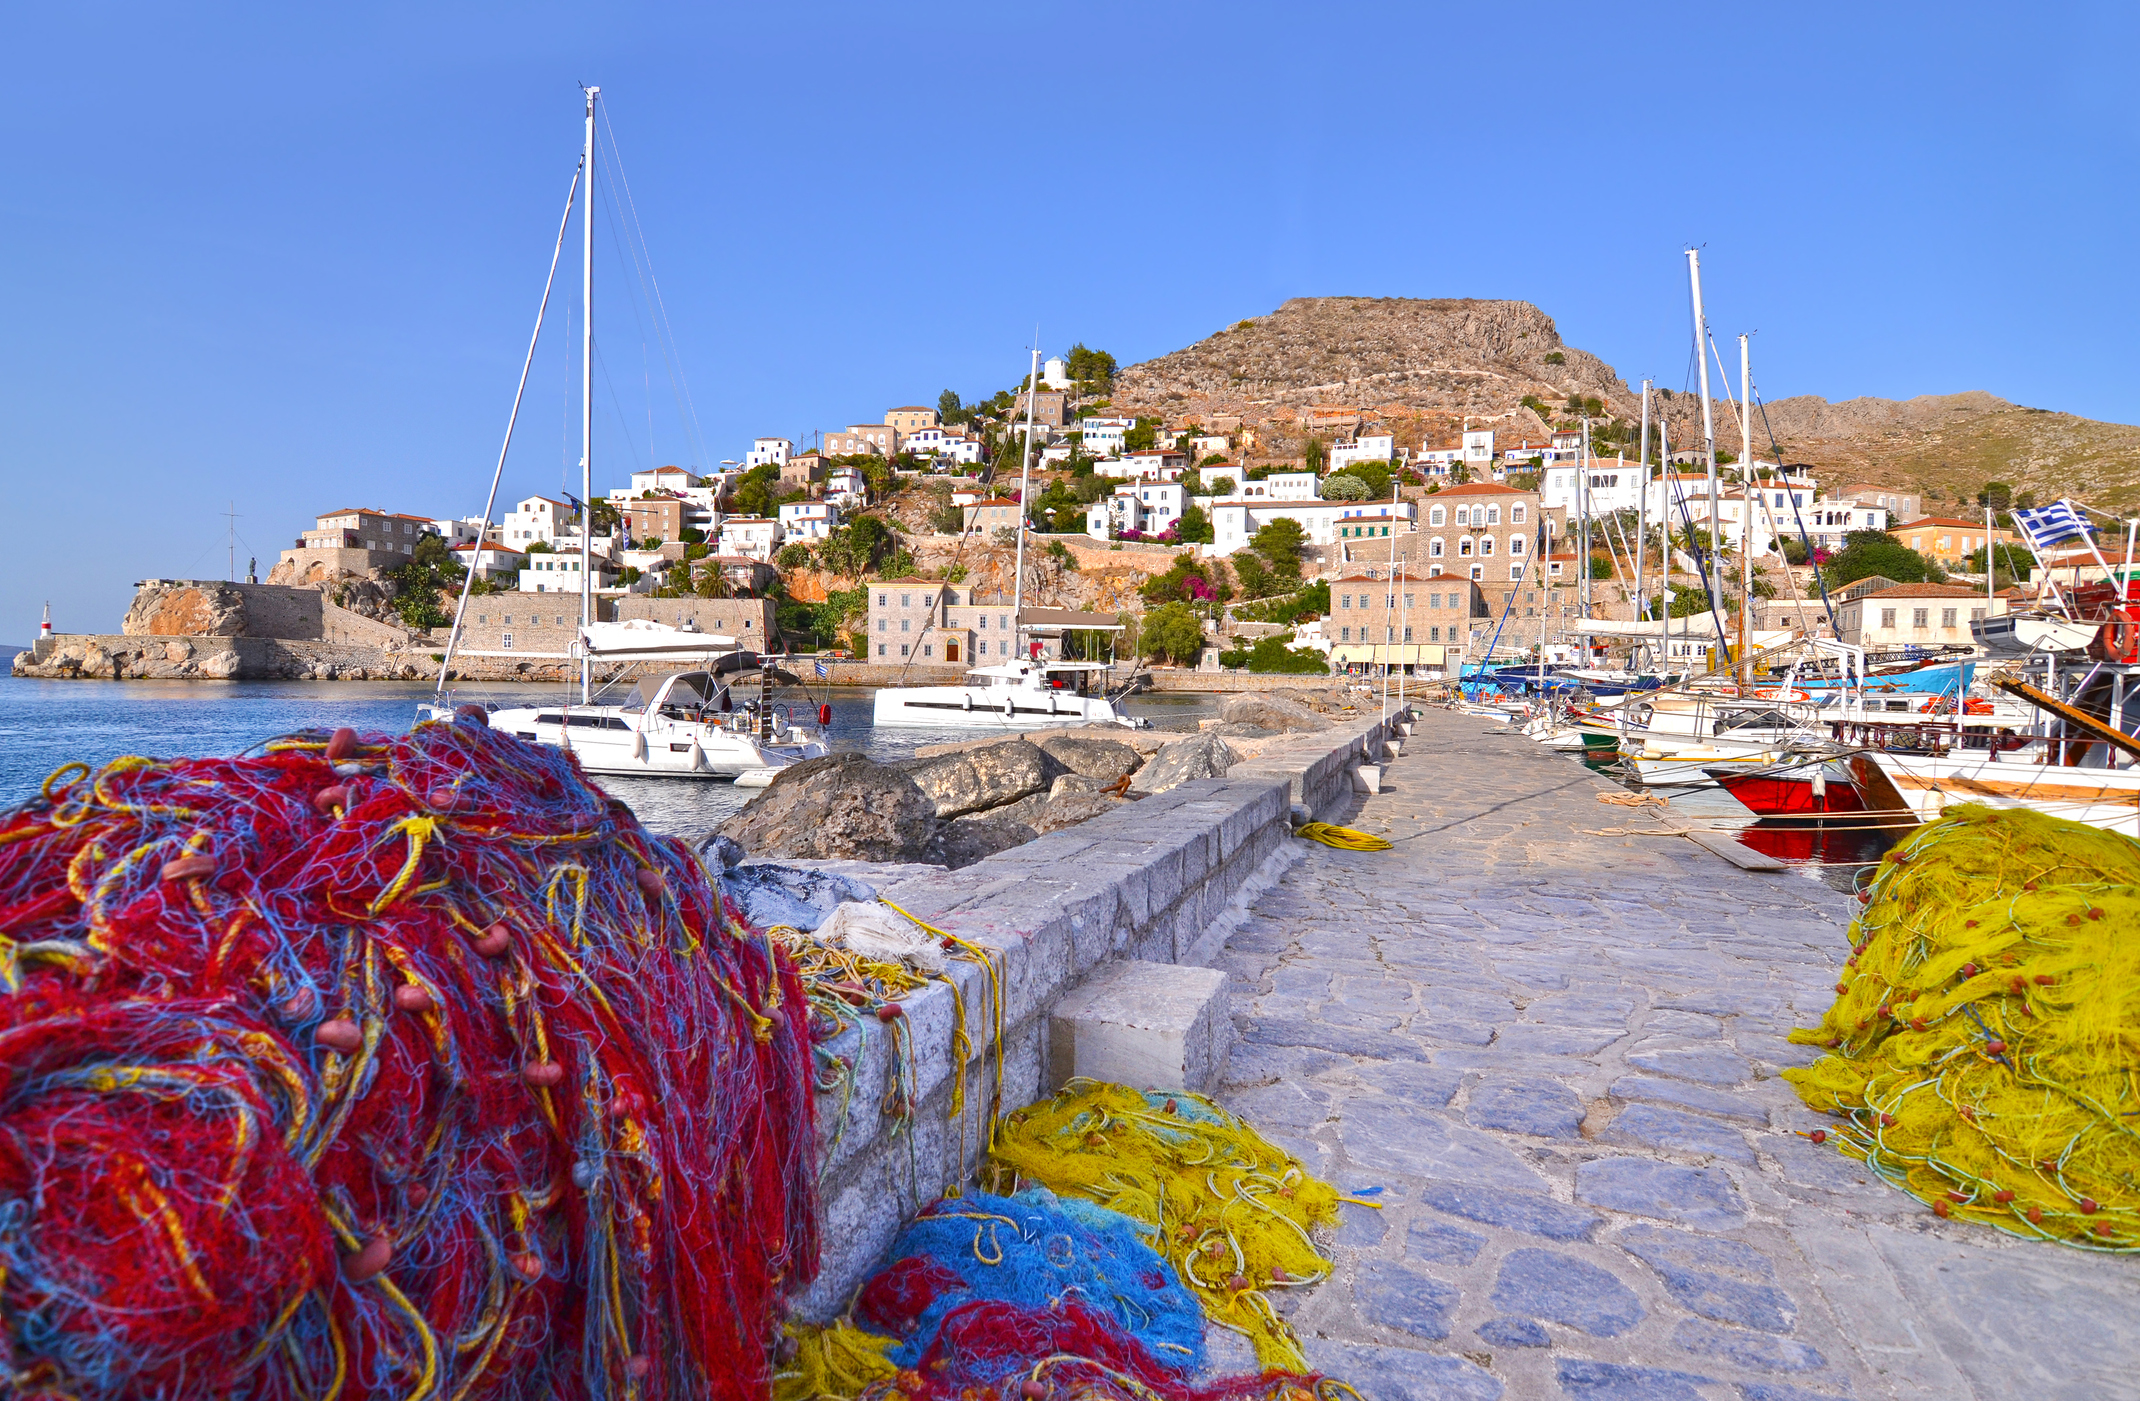 Хидра, Гърция - автомобилите и скутерите са забранени на този китен остров, който се намира на около два часа от Атина.